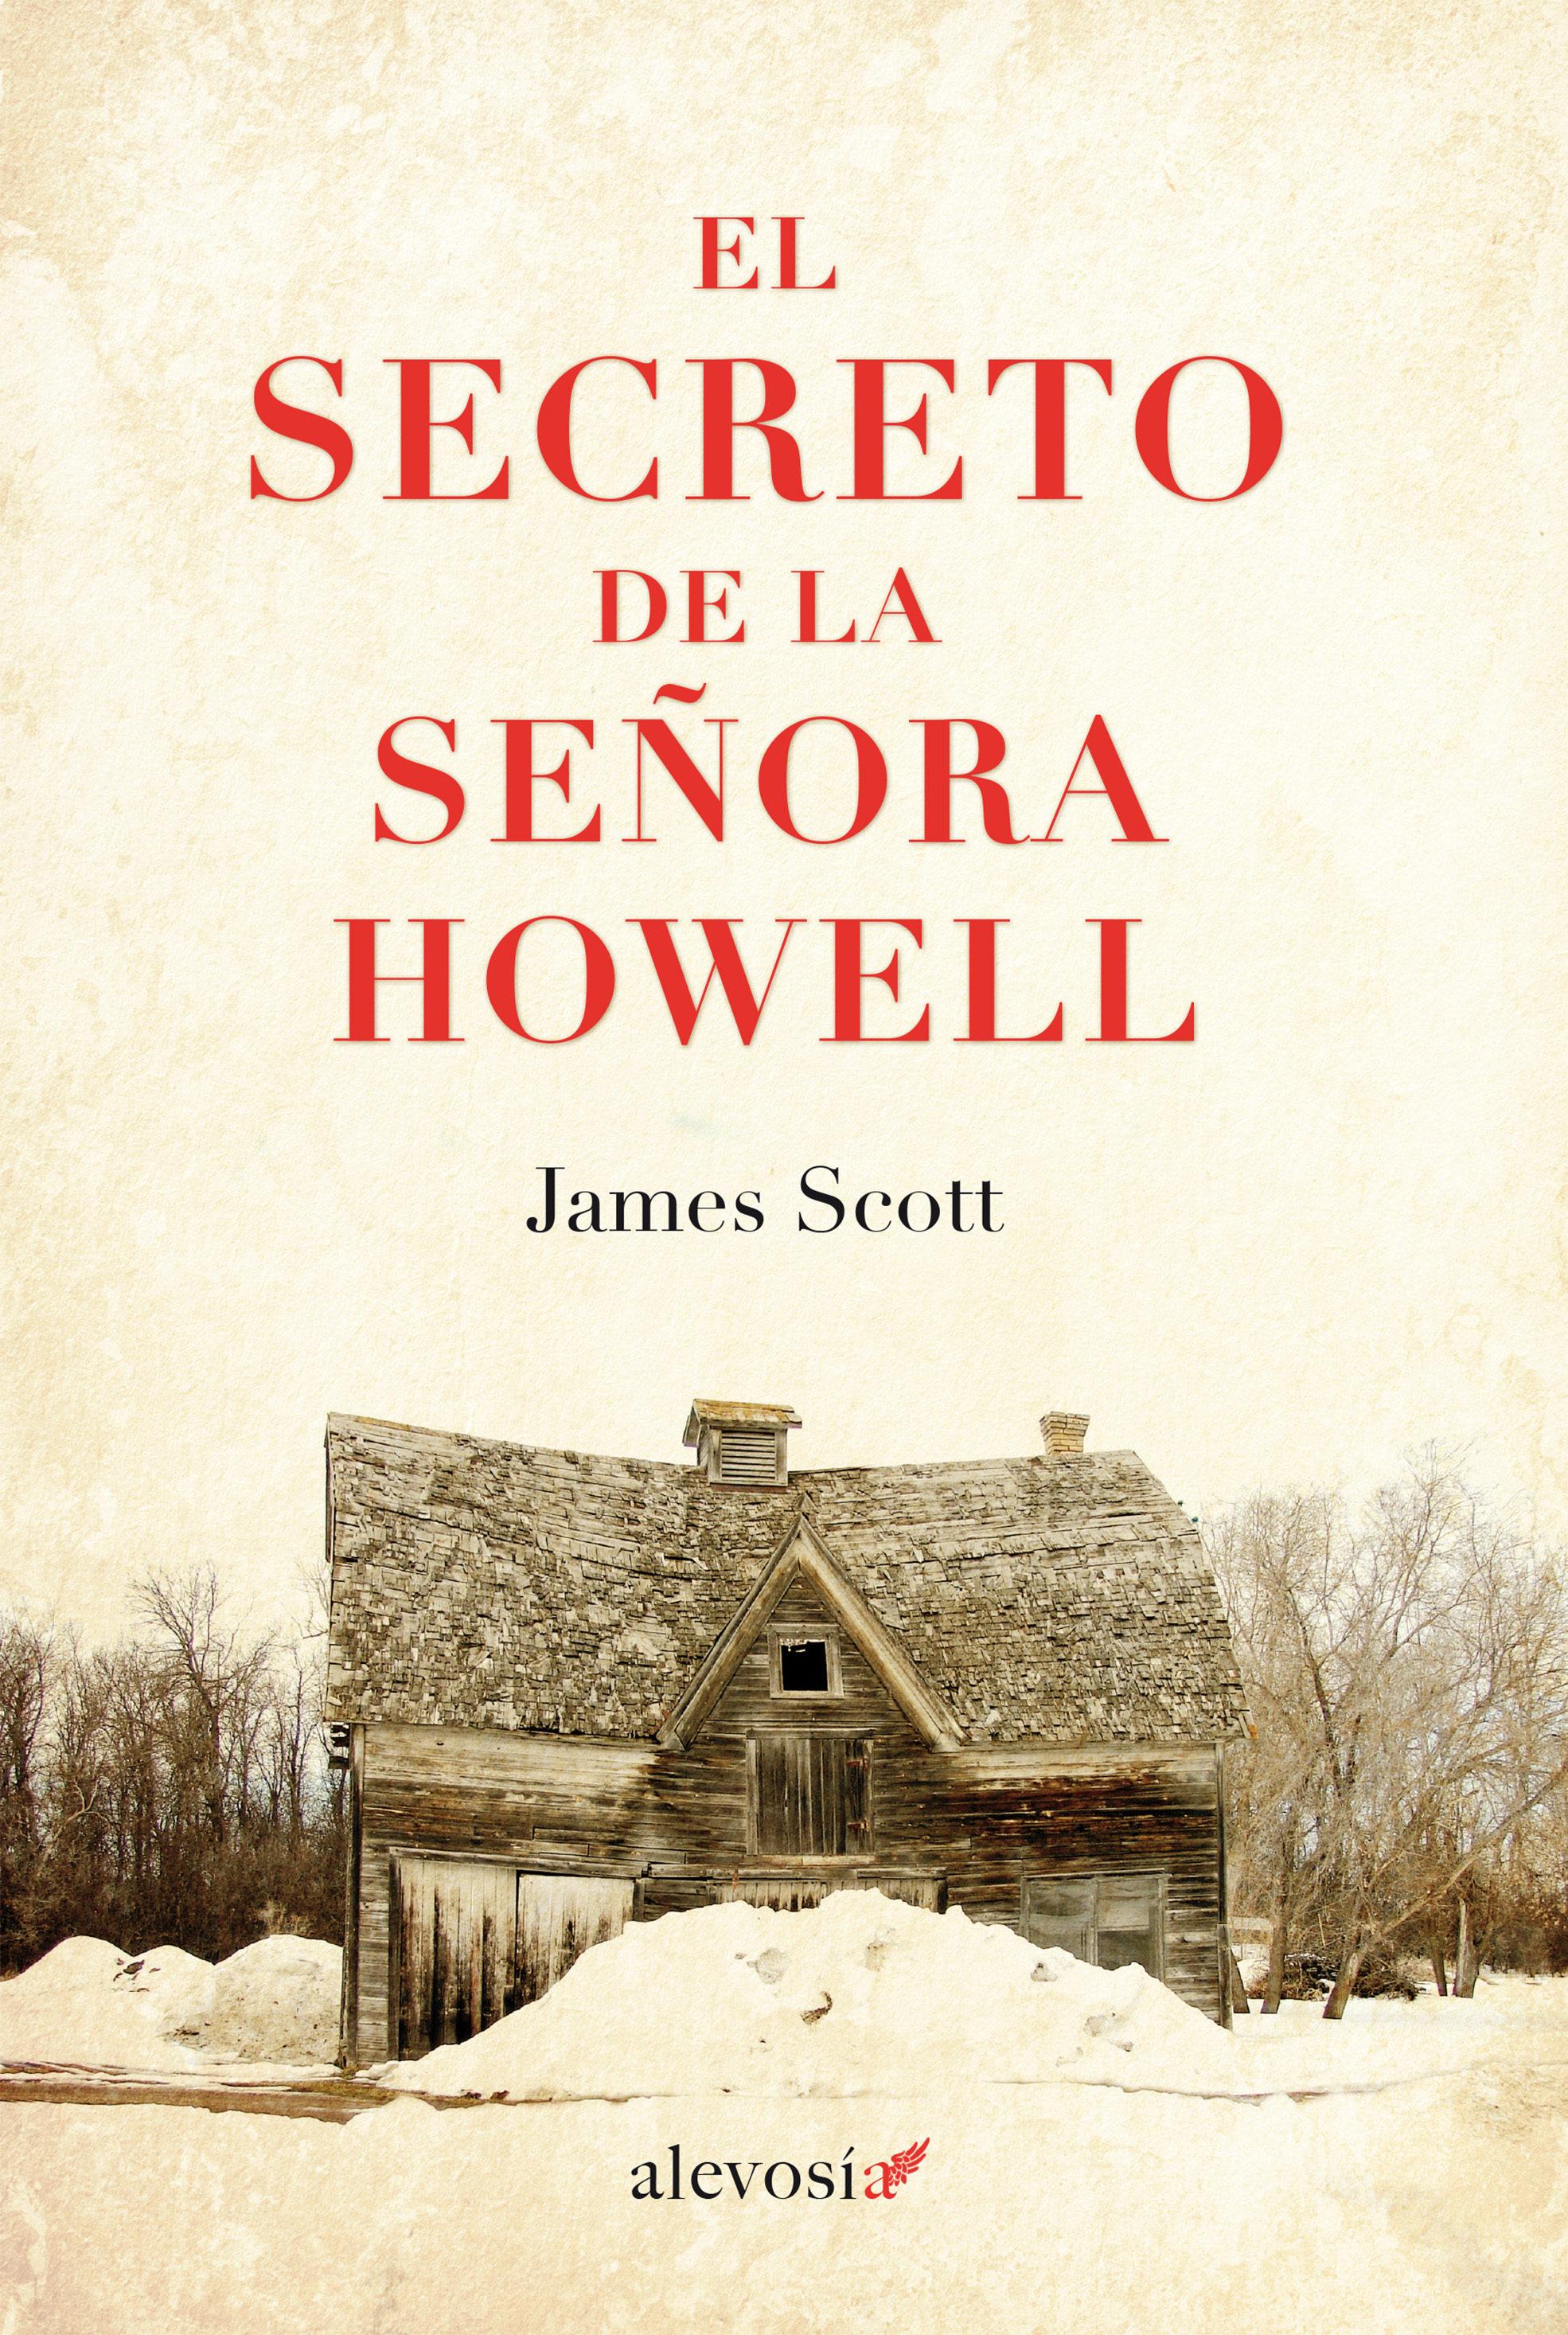 el secreto de la señora howell-james scott-9788415608929